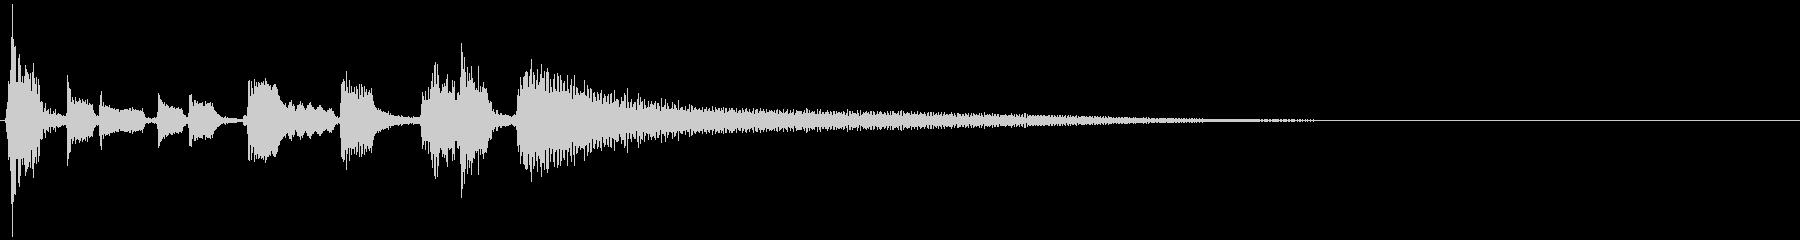 陽気なブルース調のジングルの未再生の波形